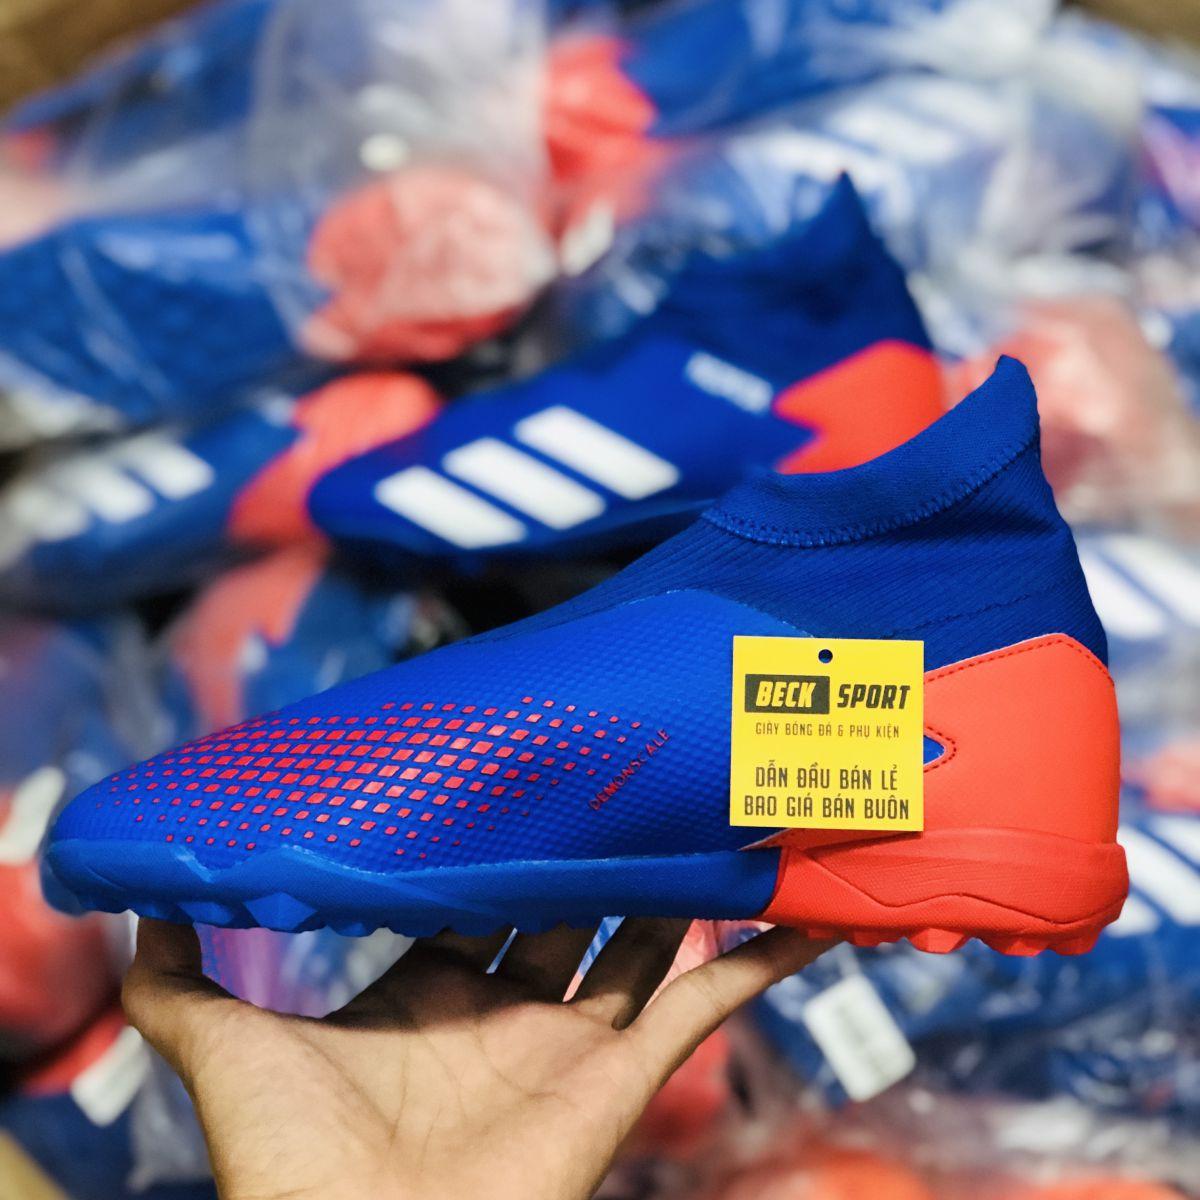 Giày Bóng Đá Adidas Predator 20.3 LL Tormentor Xanh Biển Vạch Trắng Mũi Đỏ Không Dây Cao Cổ TF